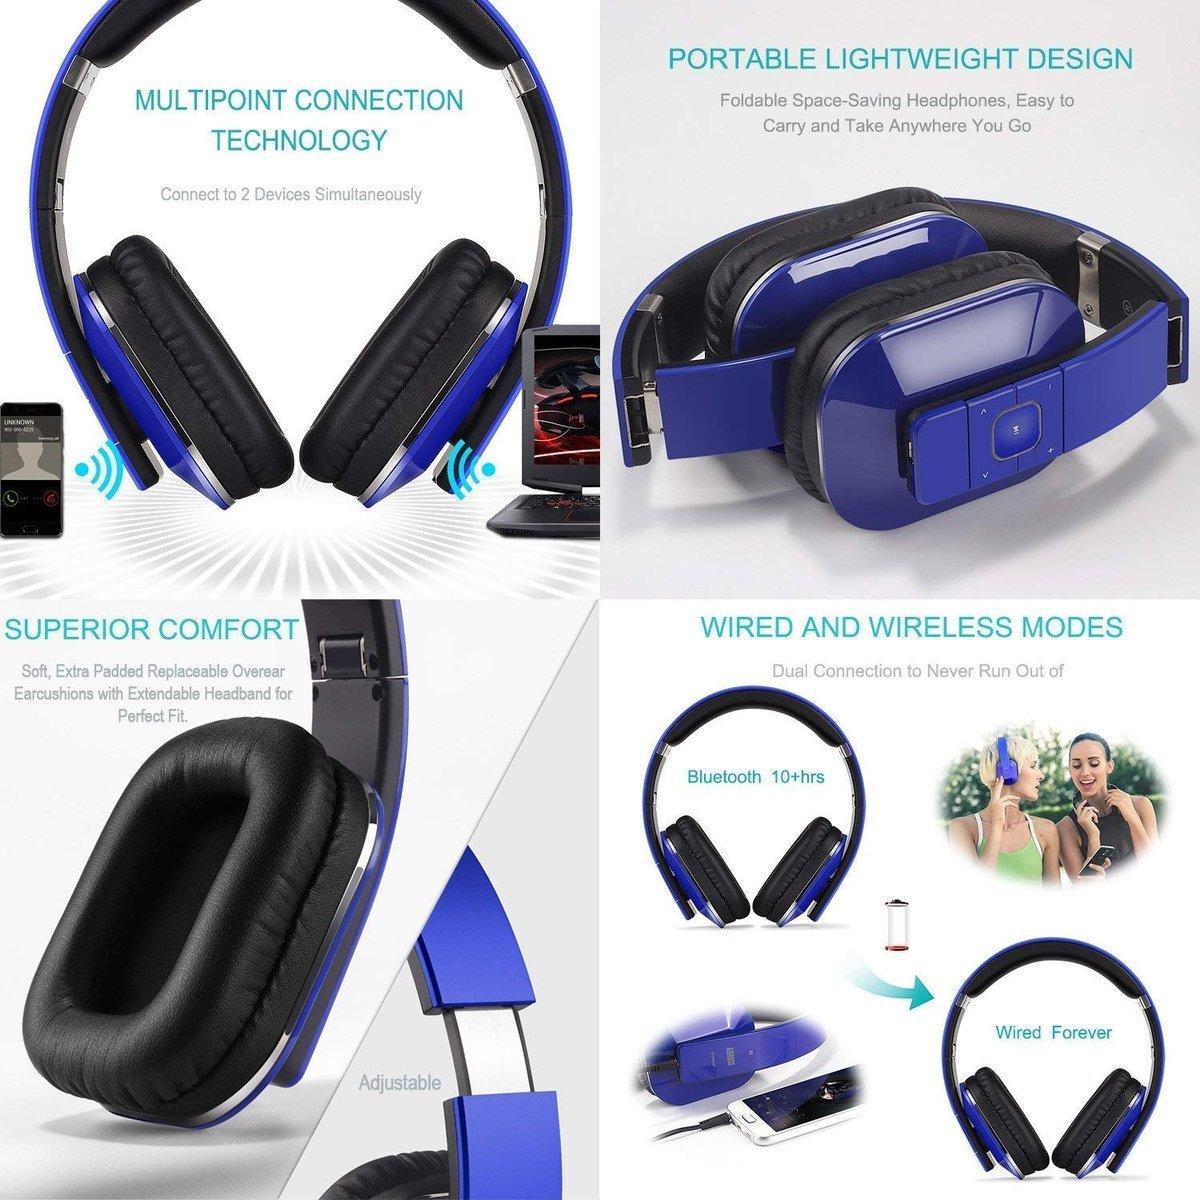 Wyprzedaż! Teraz tylko :: Słuchawki bezprzewodowe AUGUST EP650BL